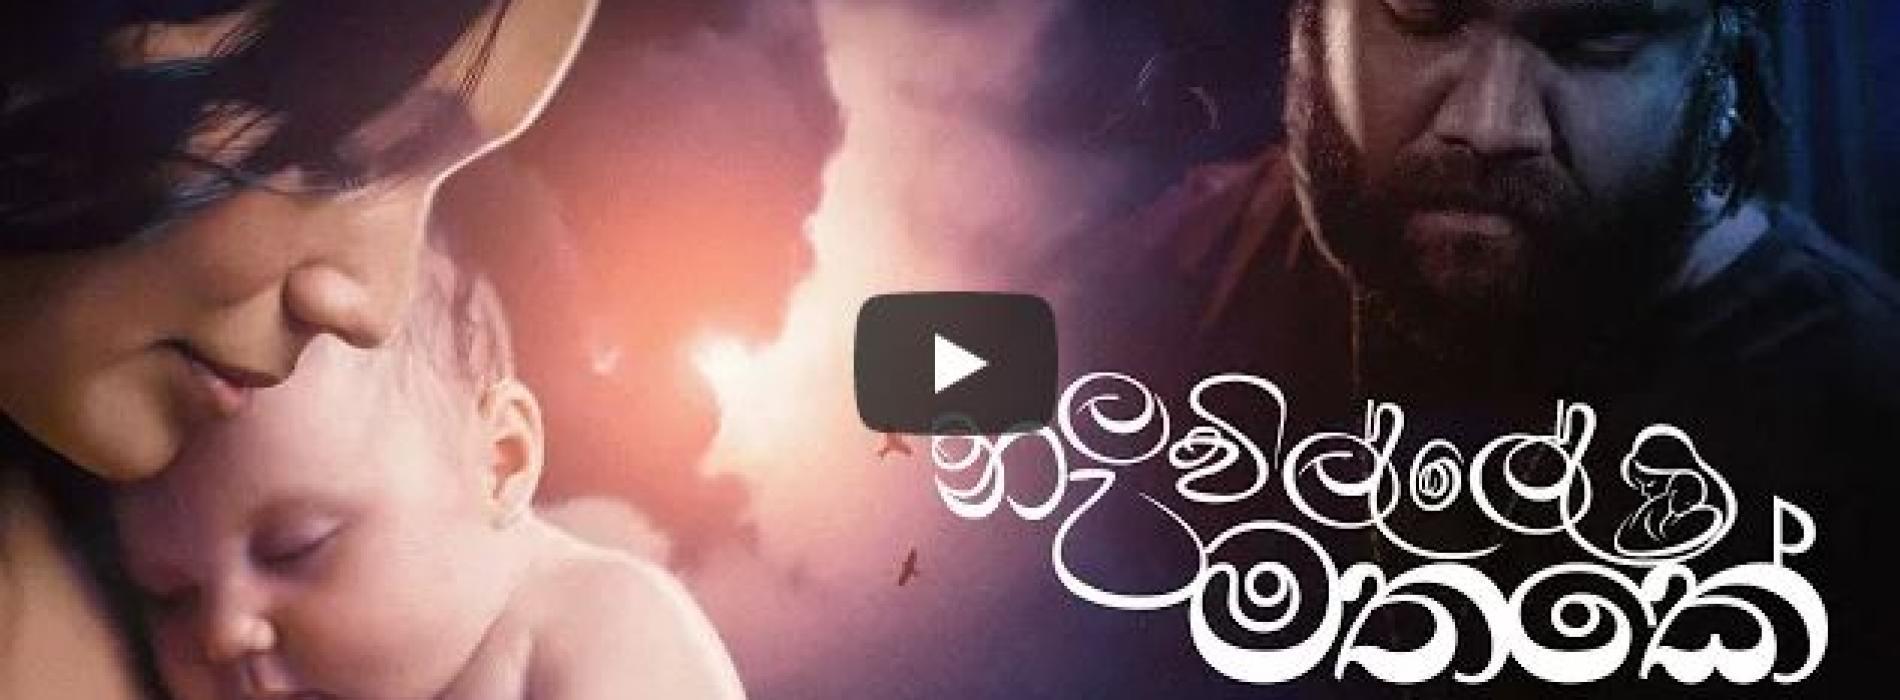 New Music : Ravi Royster – Nalaville Mathake නැලවිල්ලේ මතකේ | Official Music Video